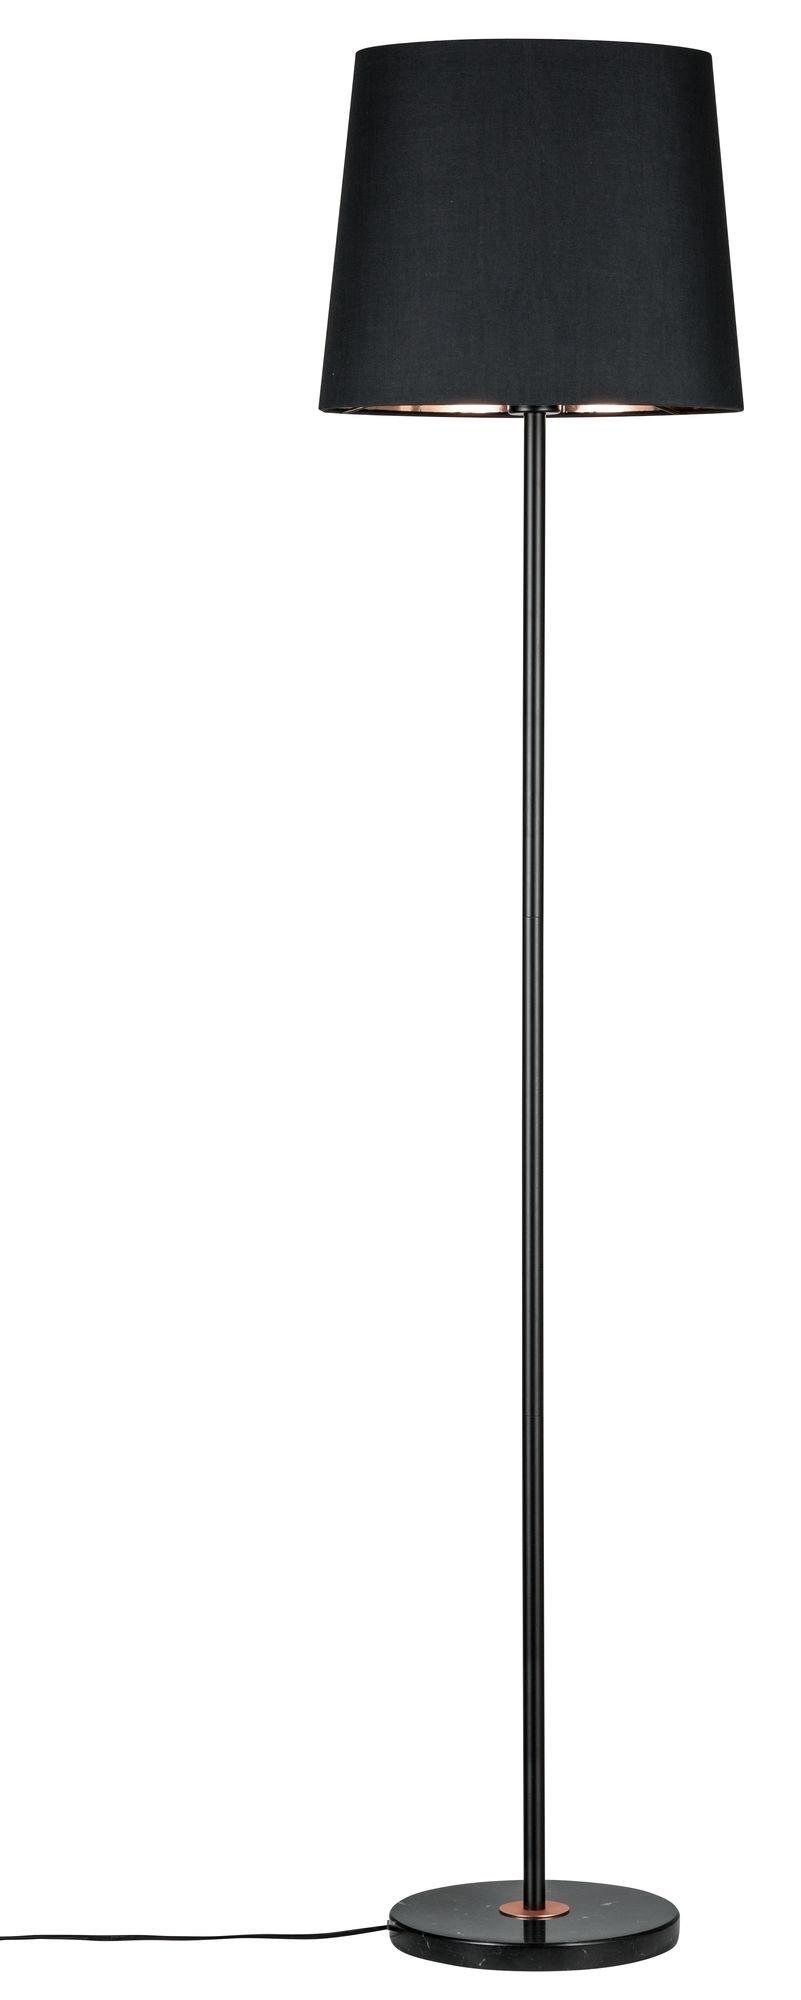 Neordic Staande lamp Enja E27 max. 20W Zwart/Koper Textiel/Marmer/Metaal